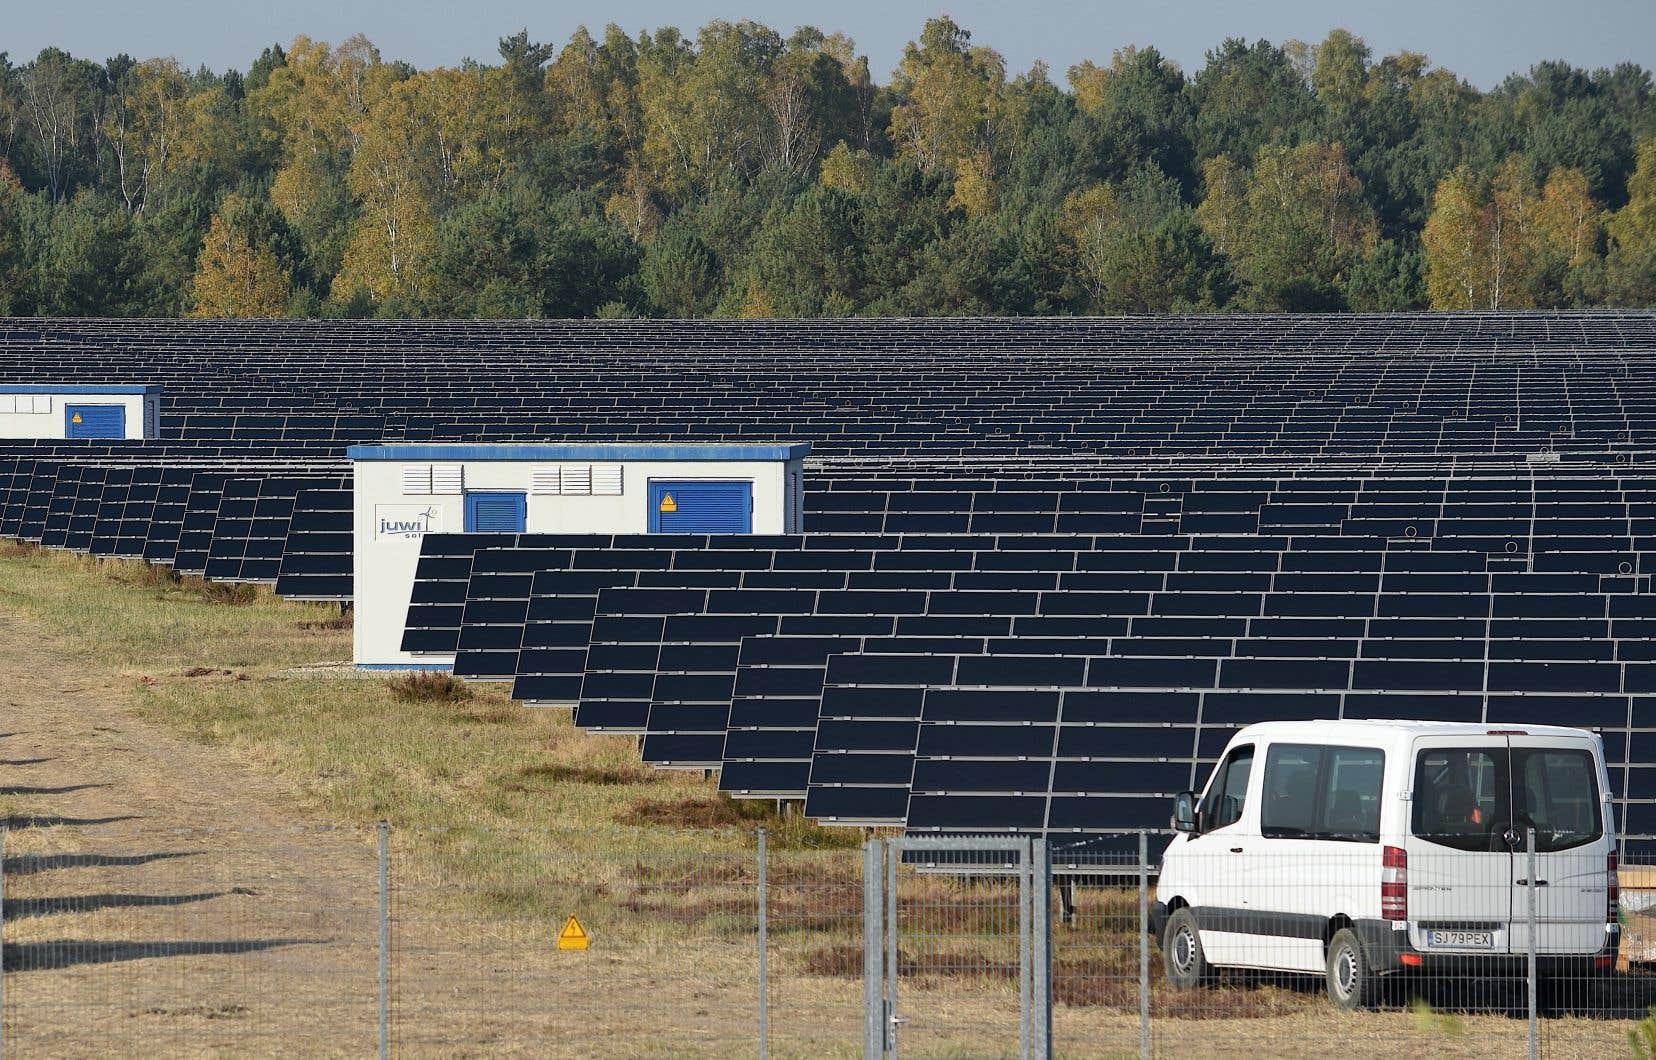 Dans un contexte d'électrification des transports et de mise en œuvre du Plan pour une économie verte, le recours accru à l'énergie solaire pourrait contribuer à l'atteinte de la cible de réduction des émissions de gaz à effet de serre du Québec à l'horizon 2030, souligne l'analyse.